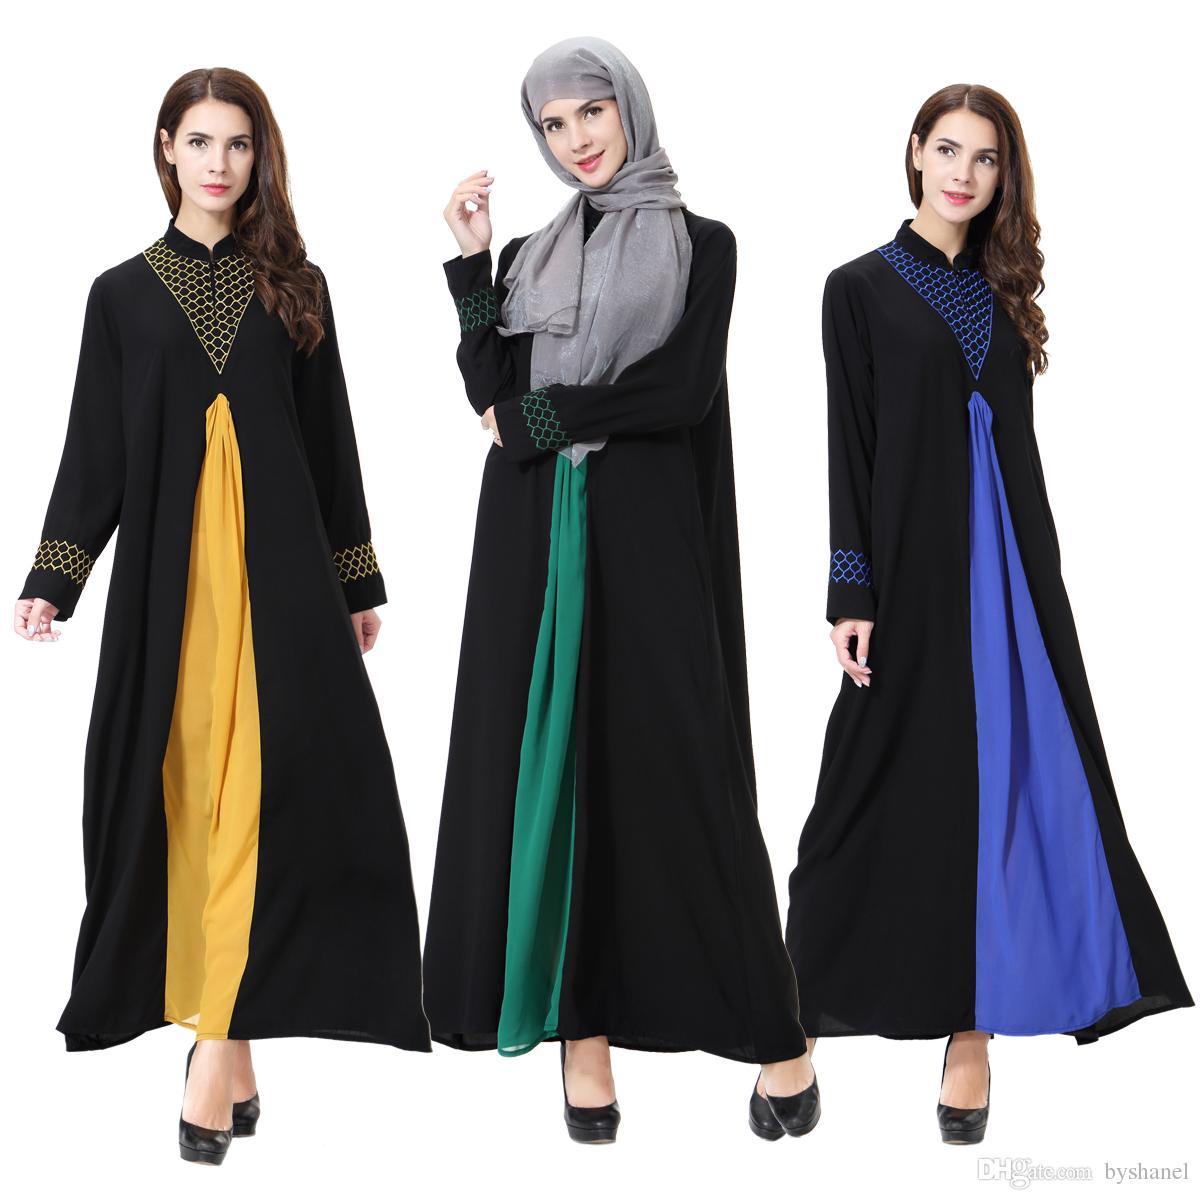 Dubai Women Love To Buy Abaya In Black Color